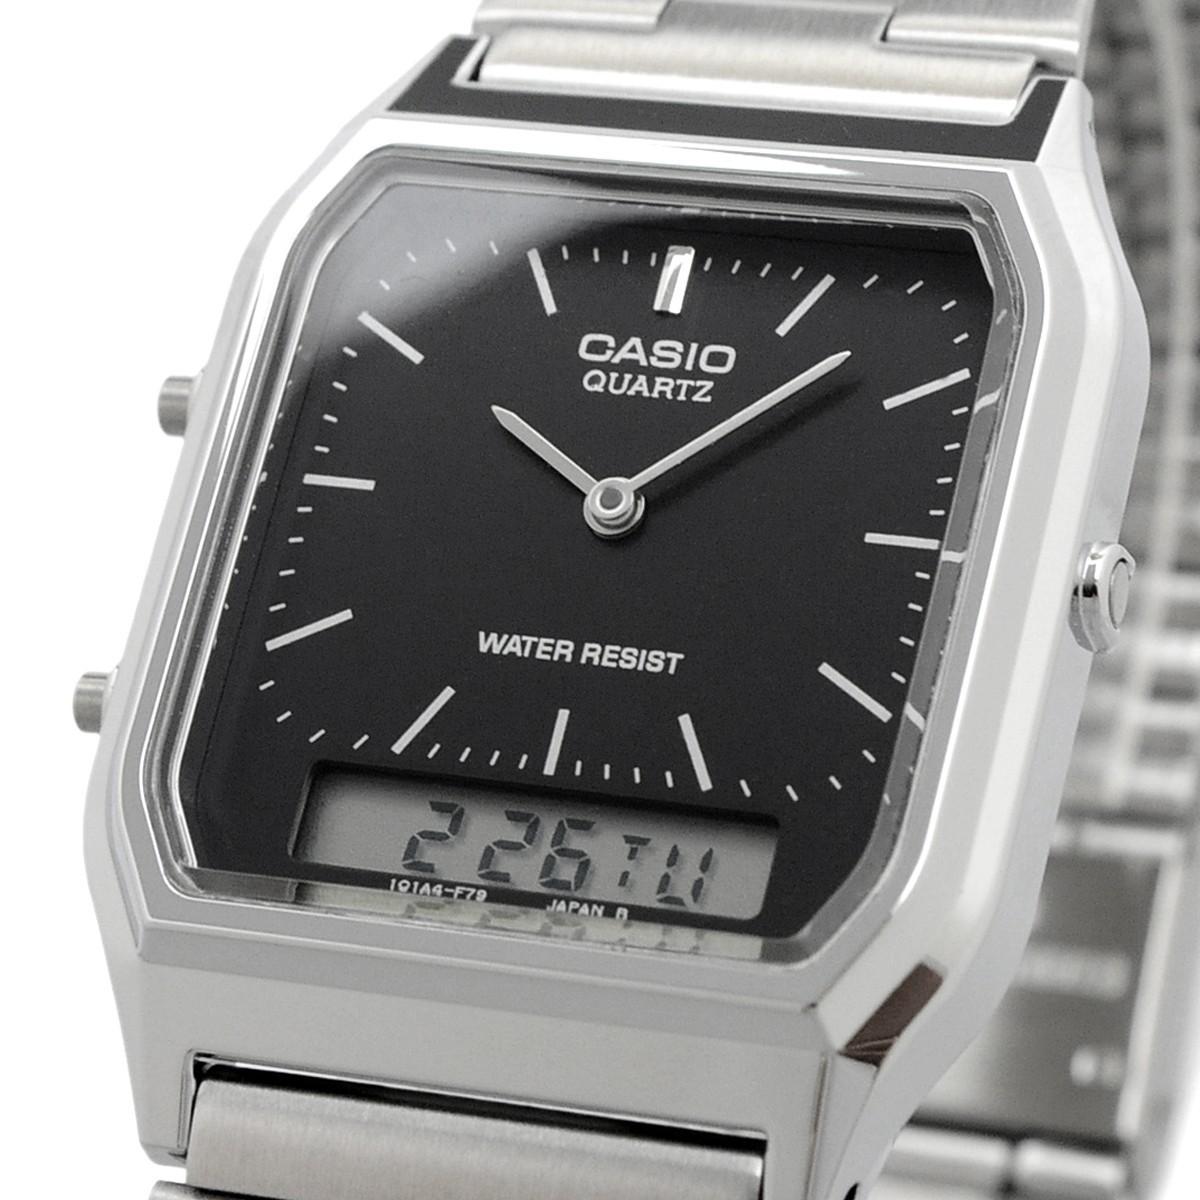 送料無料 腕時計 CASIO カシオ 海外モデル AQ-230A-1 チープカシオ デュアルタイム アナログ デジタル ユニセックス_画像1